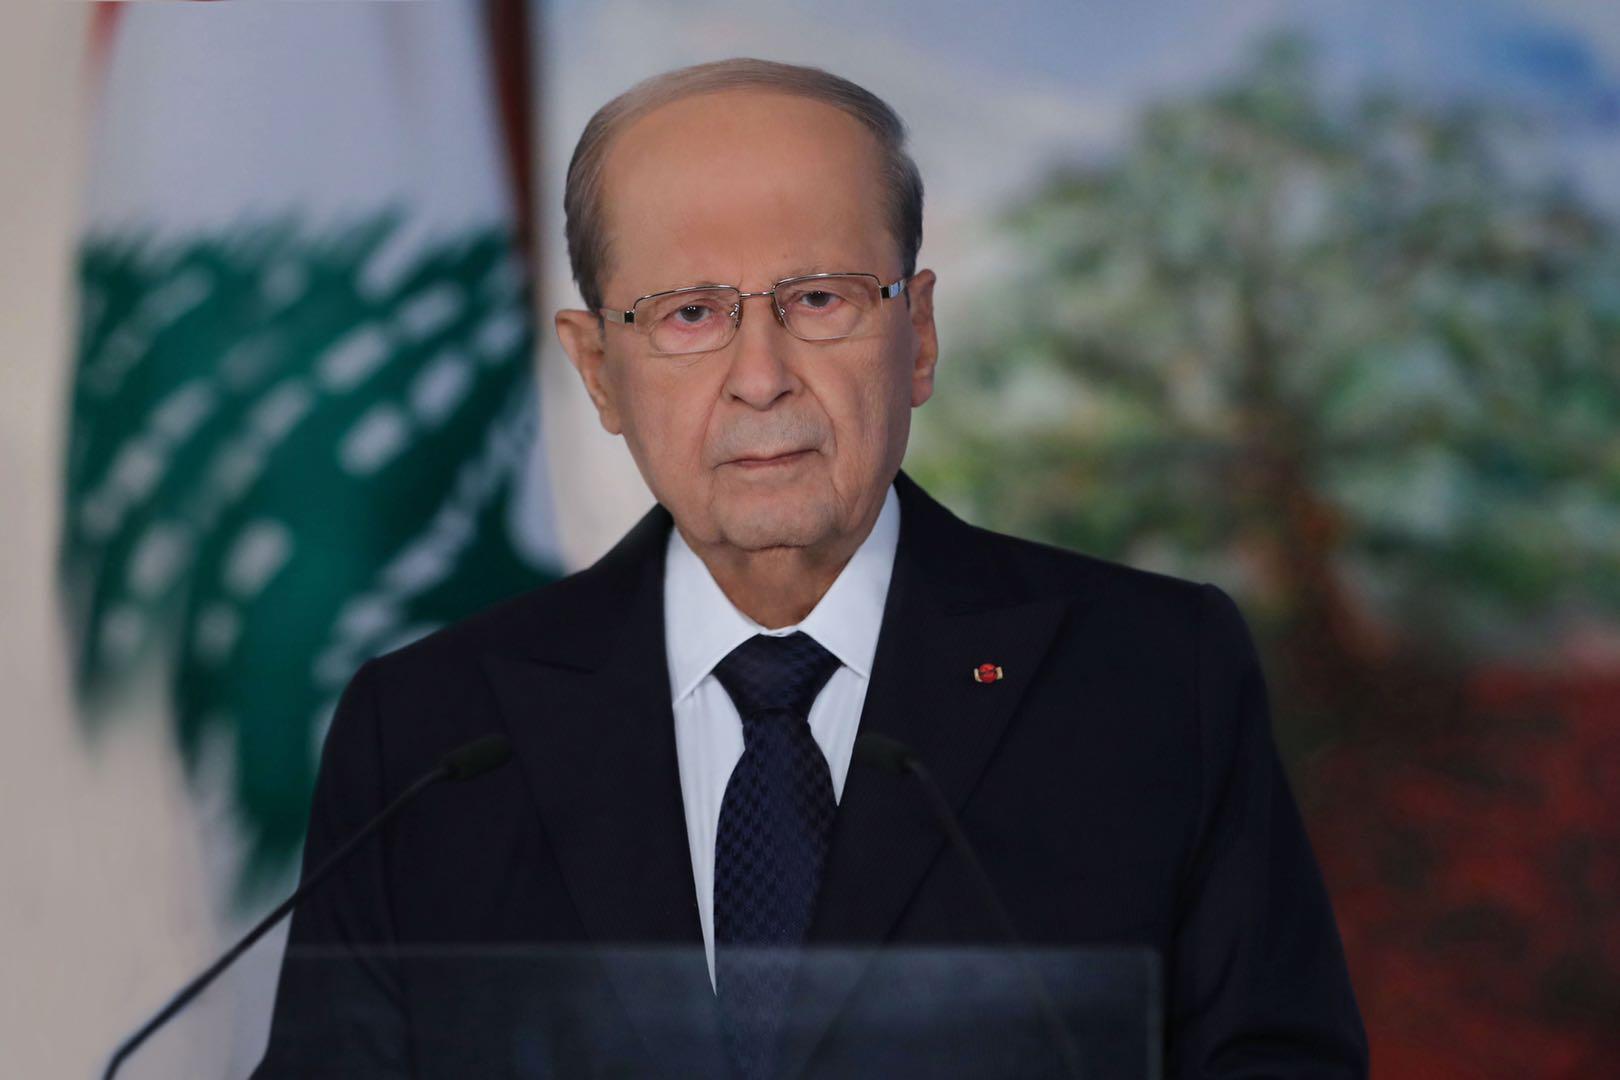 黎巴嫩总统奥恩:黎以划界以拉斯-纳古拉为起点